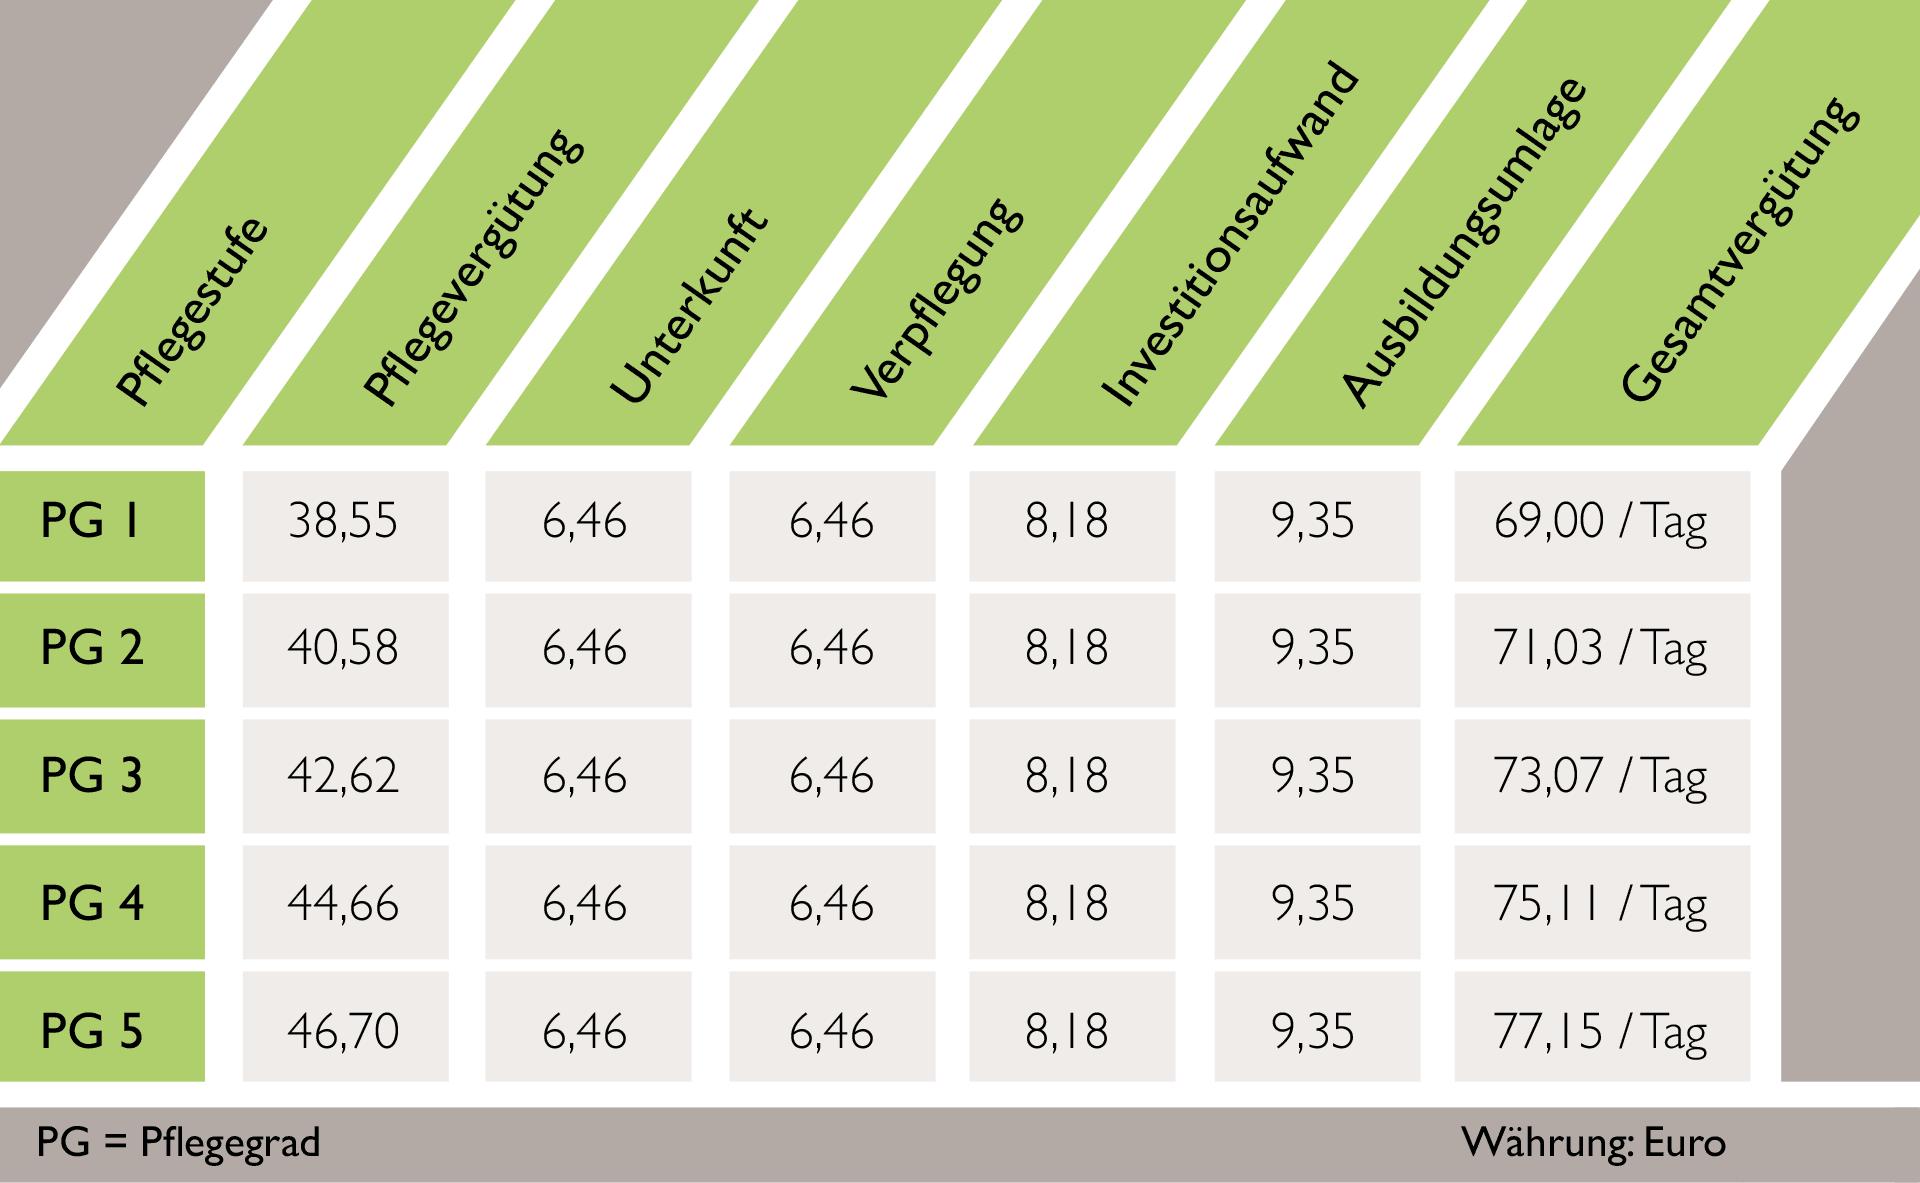 Pflegesätze zu den einzelnen Pflegestufen im Löhlbacher Hof für die integrierte Tagespflege